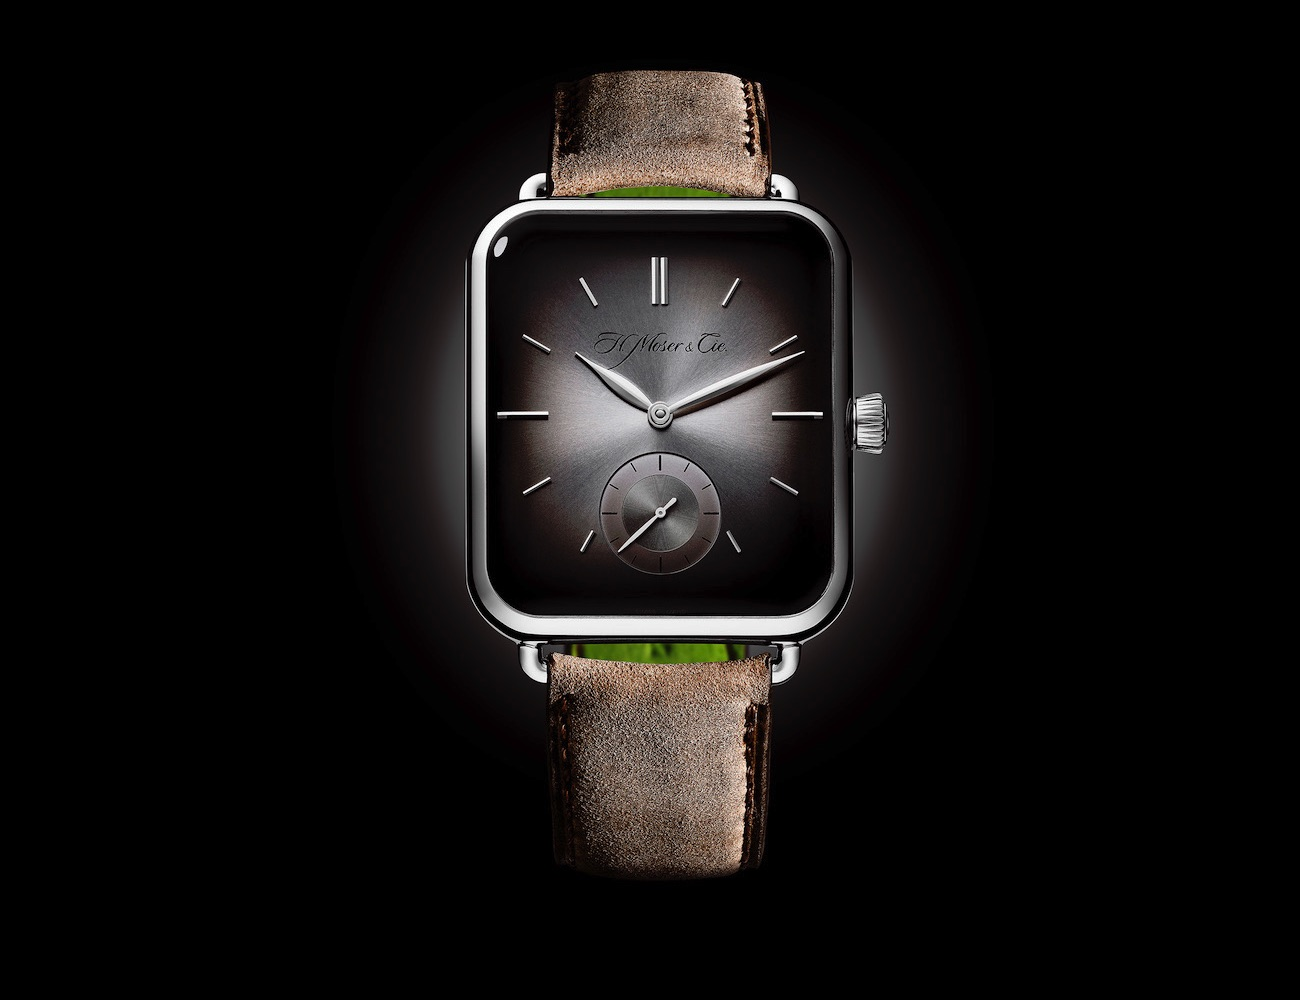 H Moser & Cie Swiss Alp Watch